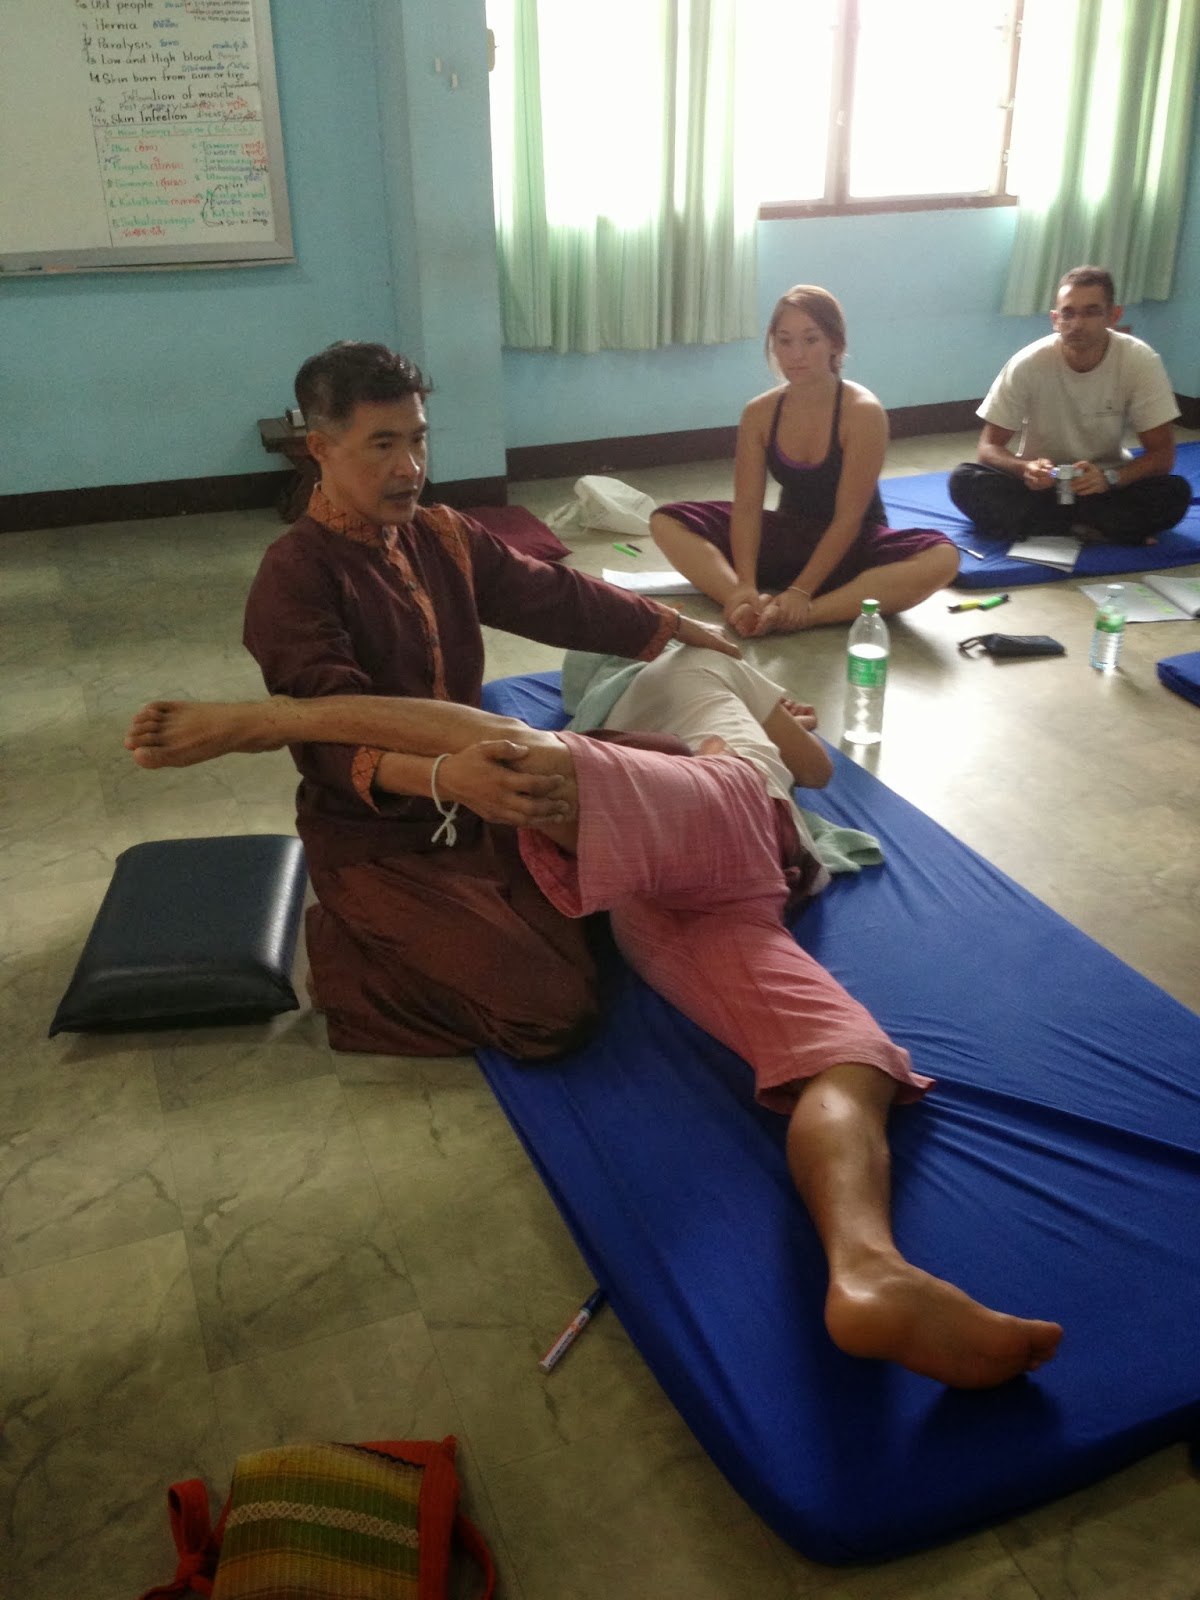 thai-massage-course-chiang-mai-thailand